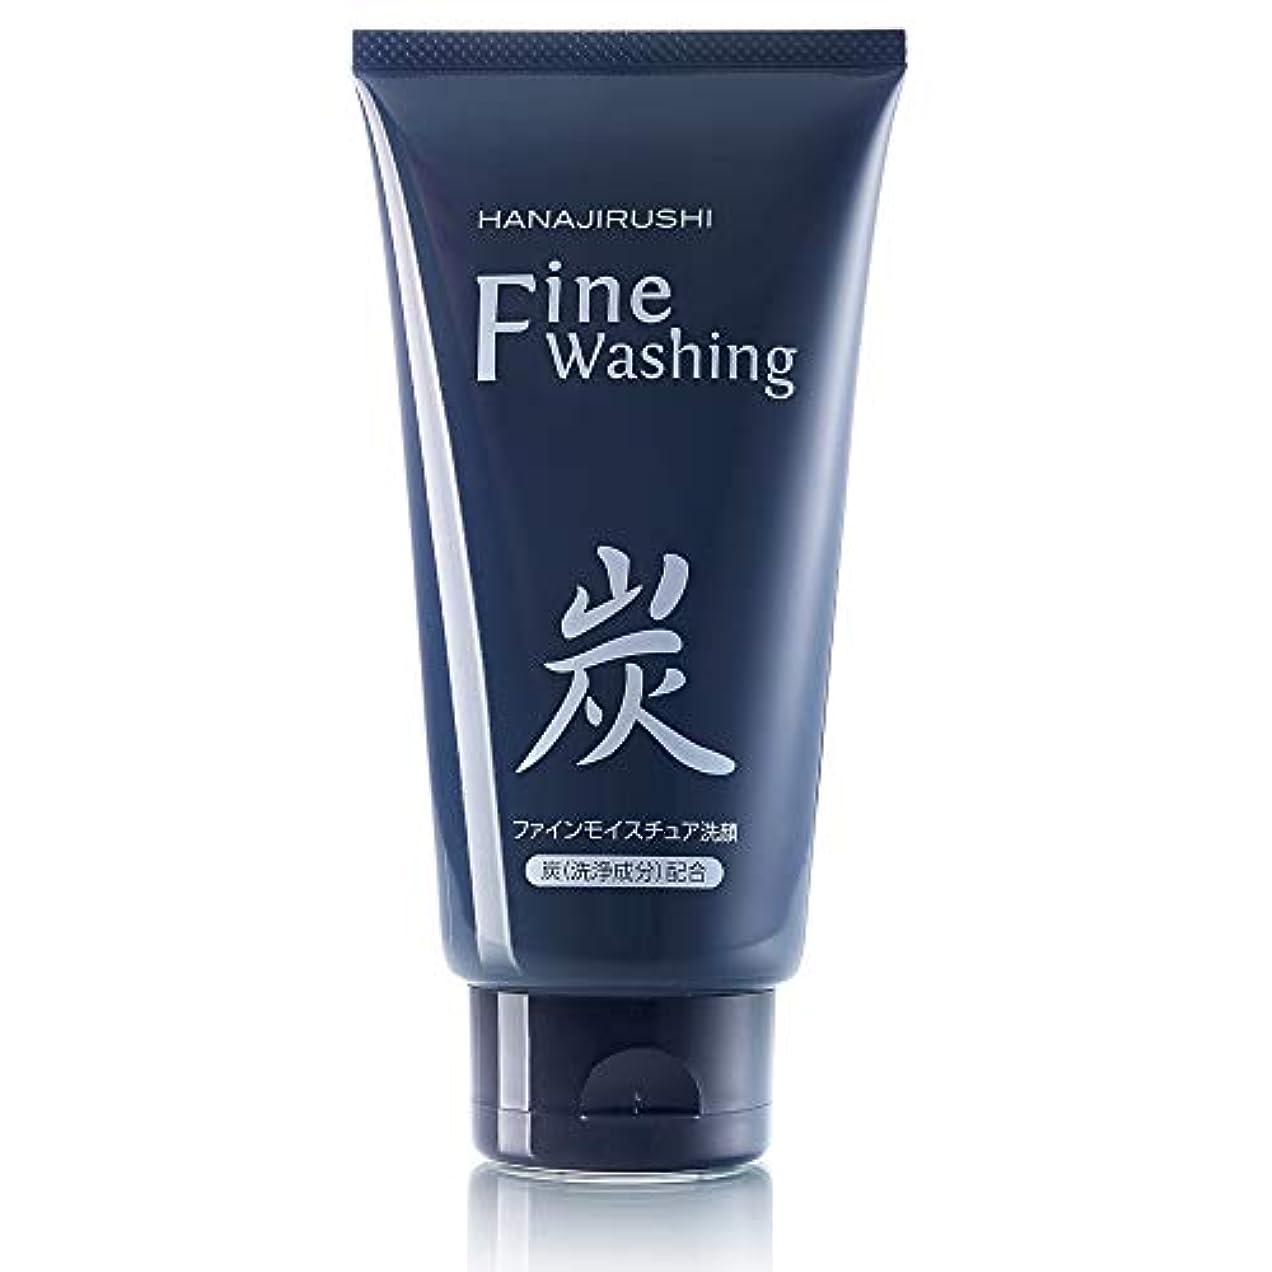 弾薬高速道路工業用花印備長炭洗顔フォーム120g「皮脂汚れ対策」オイルコントロール 男女兼用